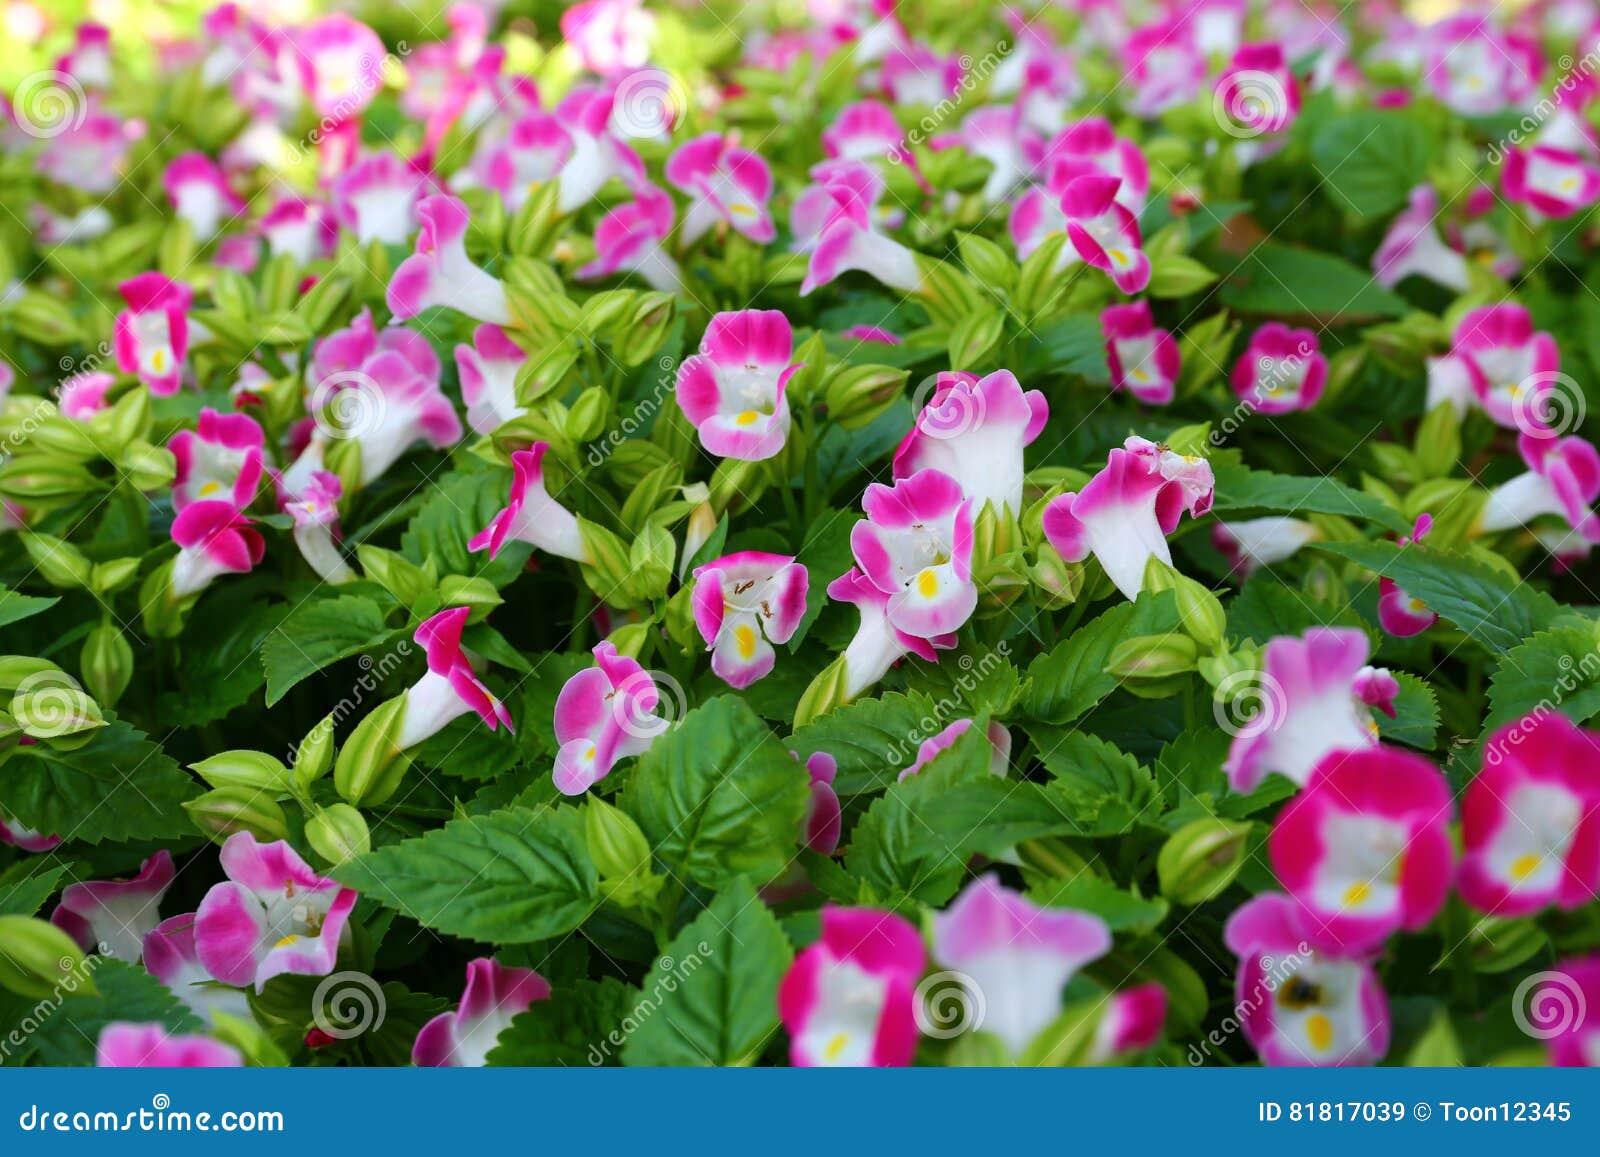 Porciones de violas rosadas